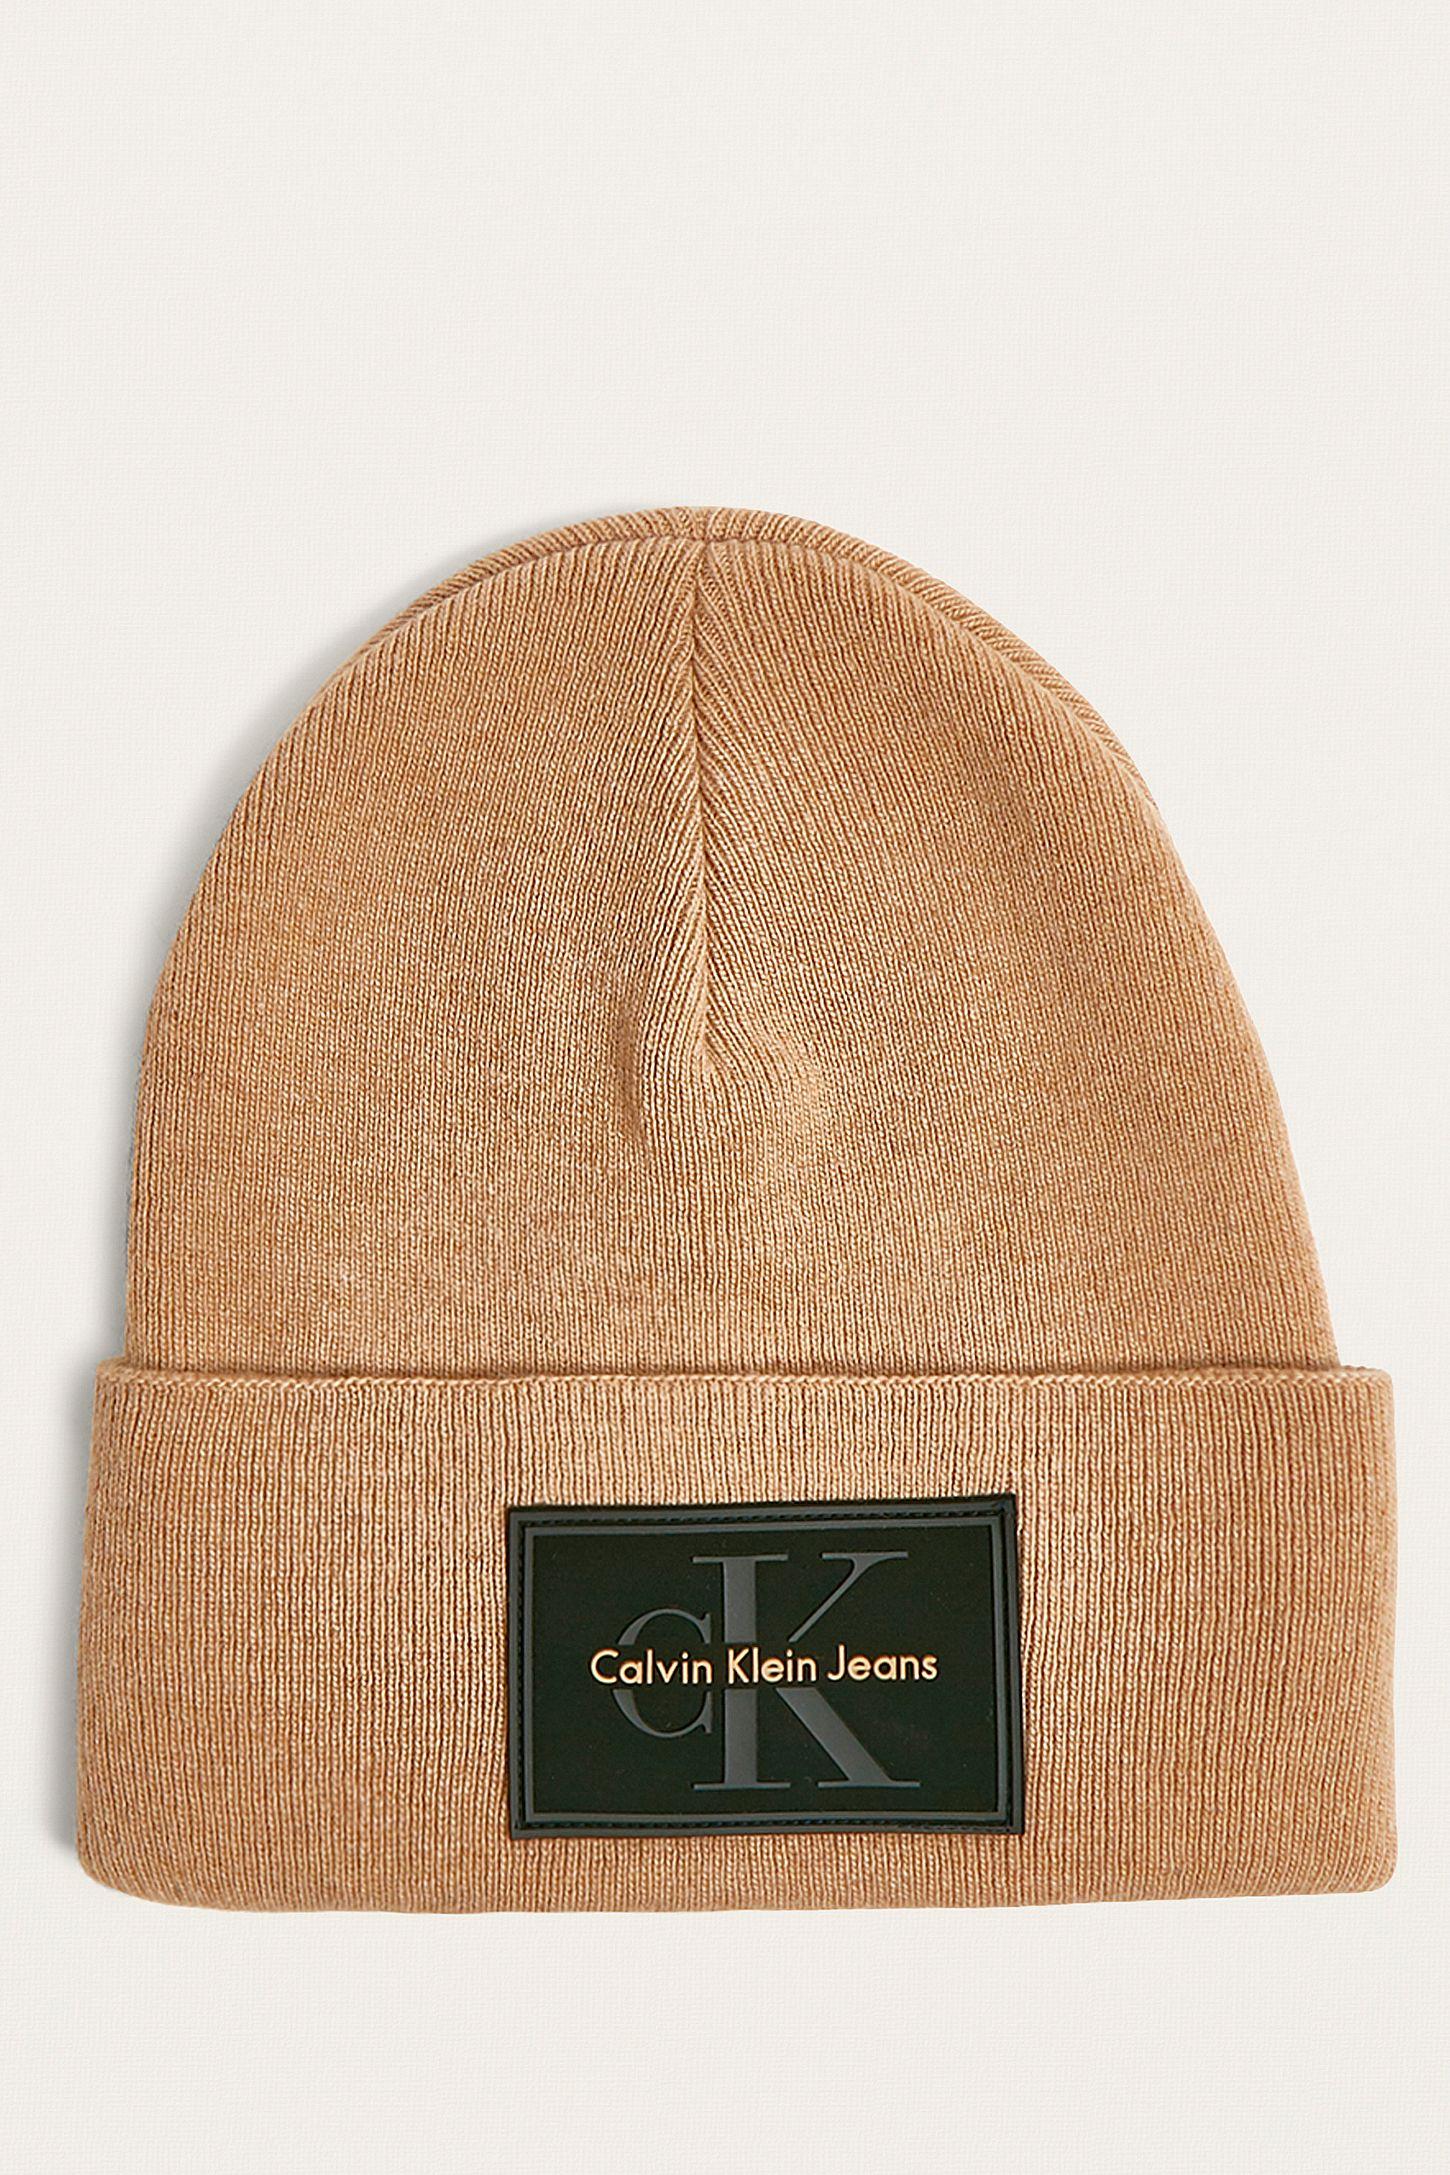 Calvin Klein Jeans Re-Issue Beanie  7bd2506d1a